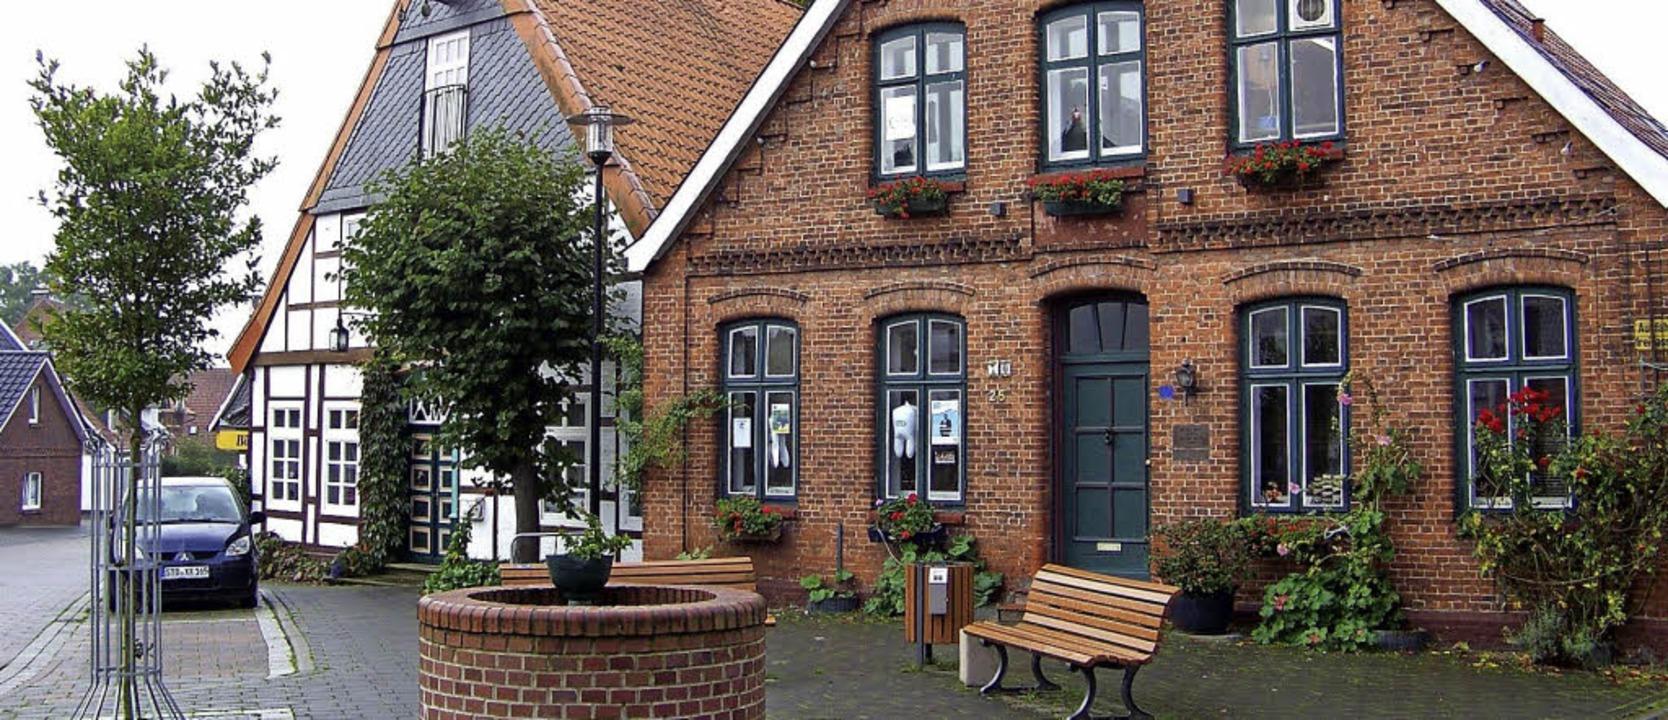 Typisch ist die Backsteinarchitektur in Freiburg an der Elbe.  | Foto: Hans Sigmund